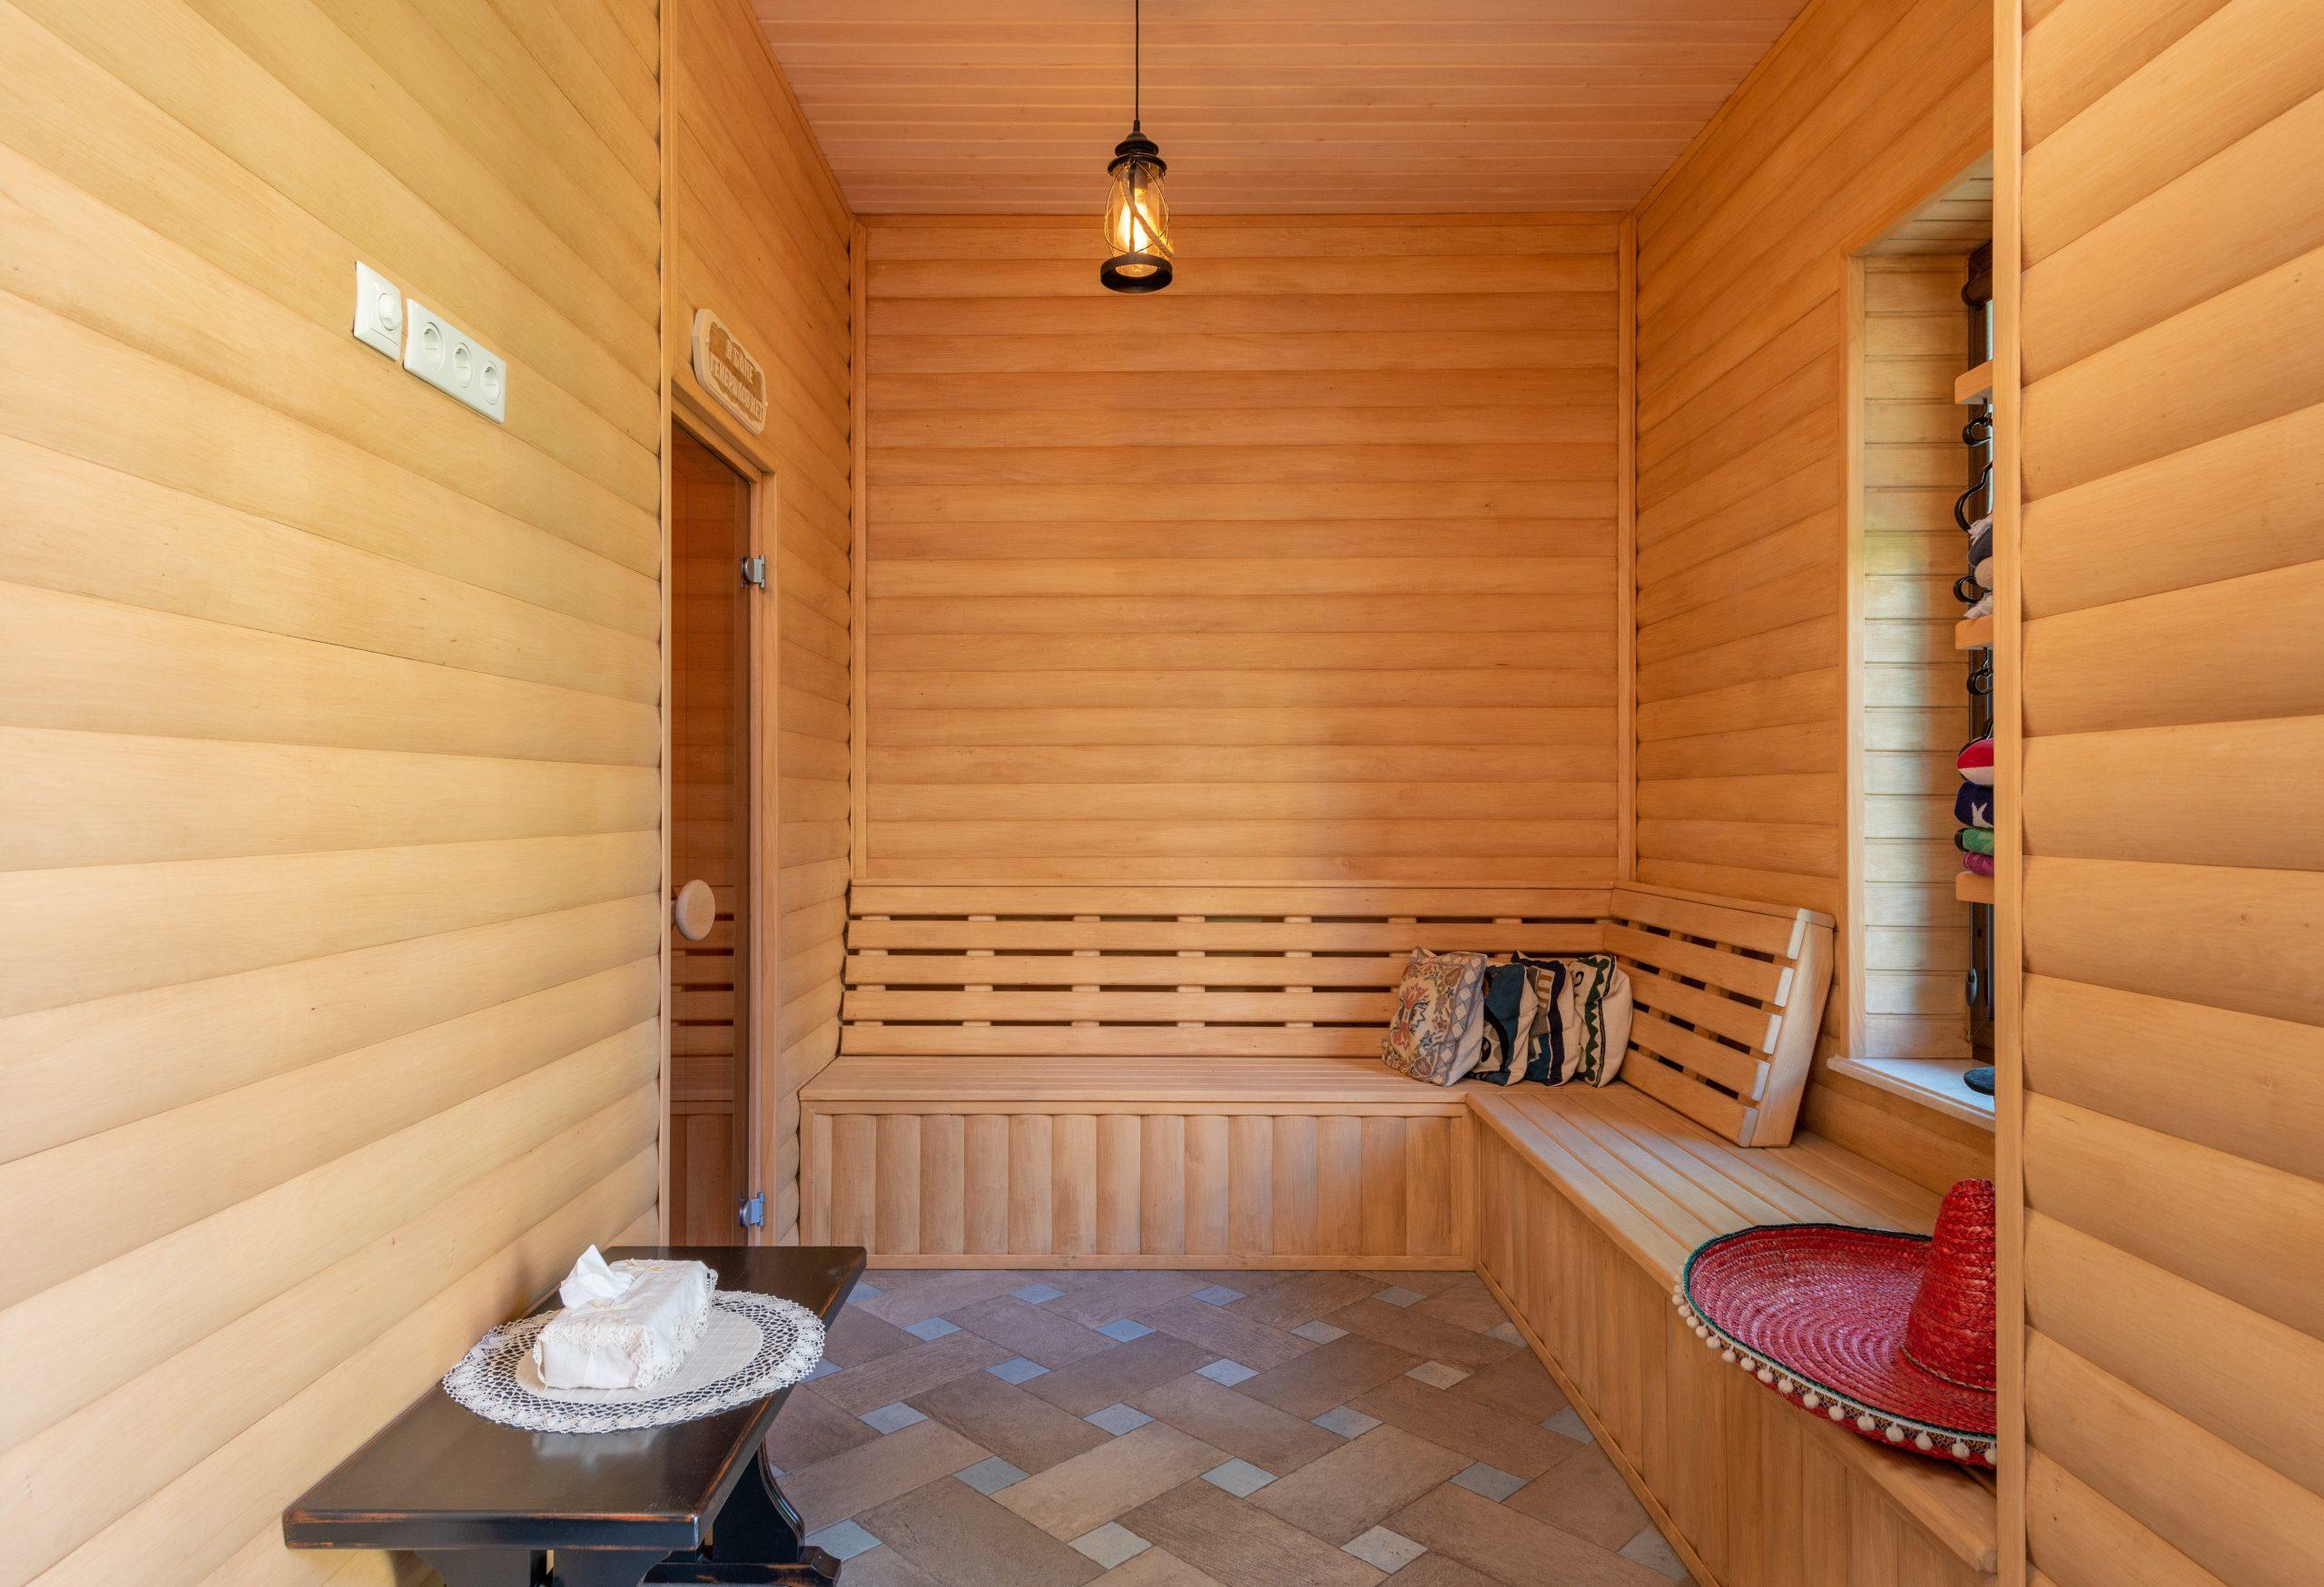 Finská sauna a jaké má dnes člověk možnosti realizace